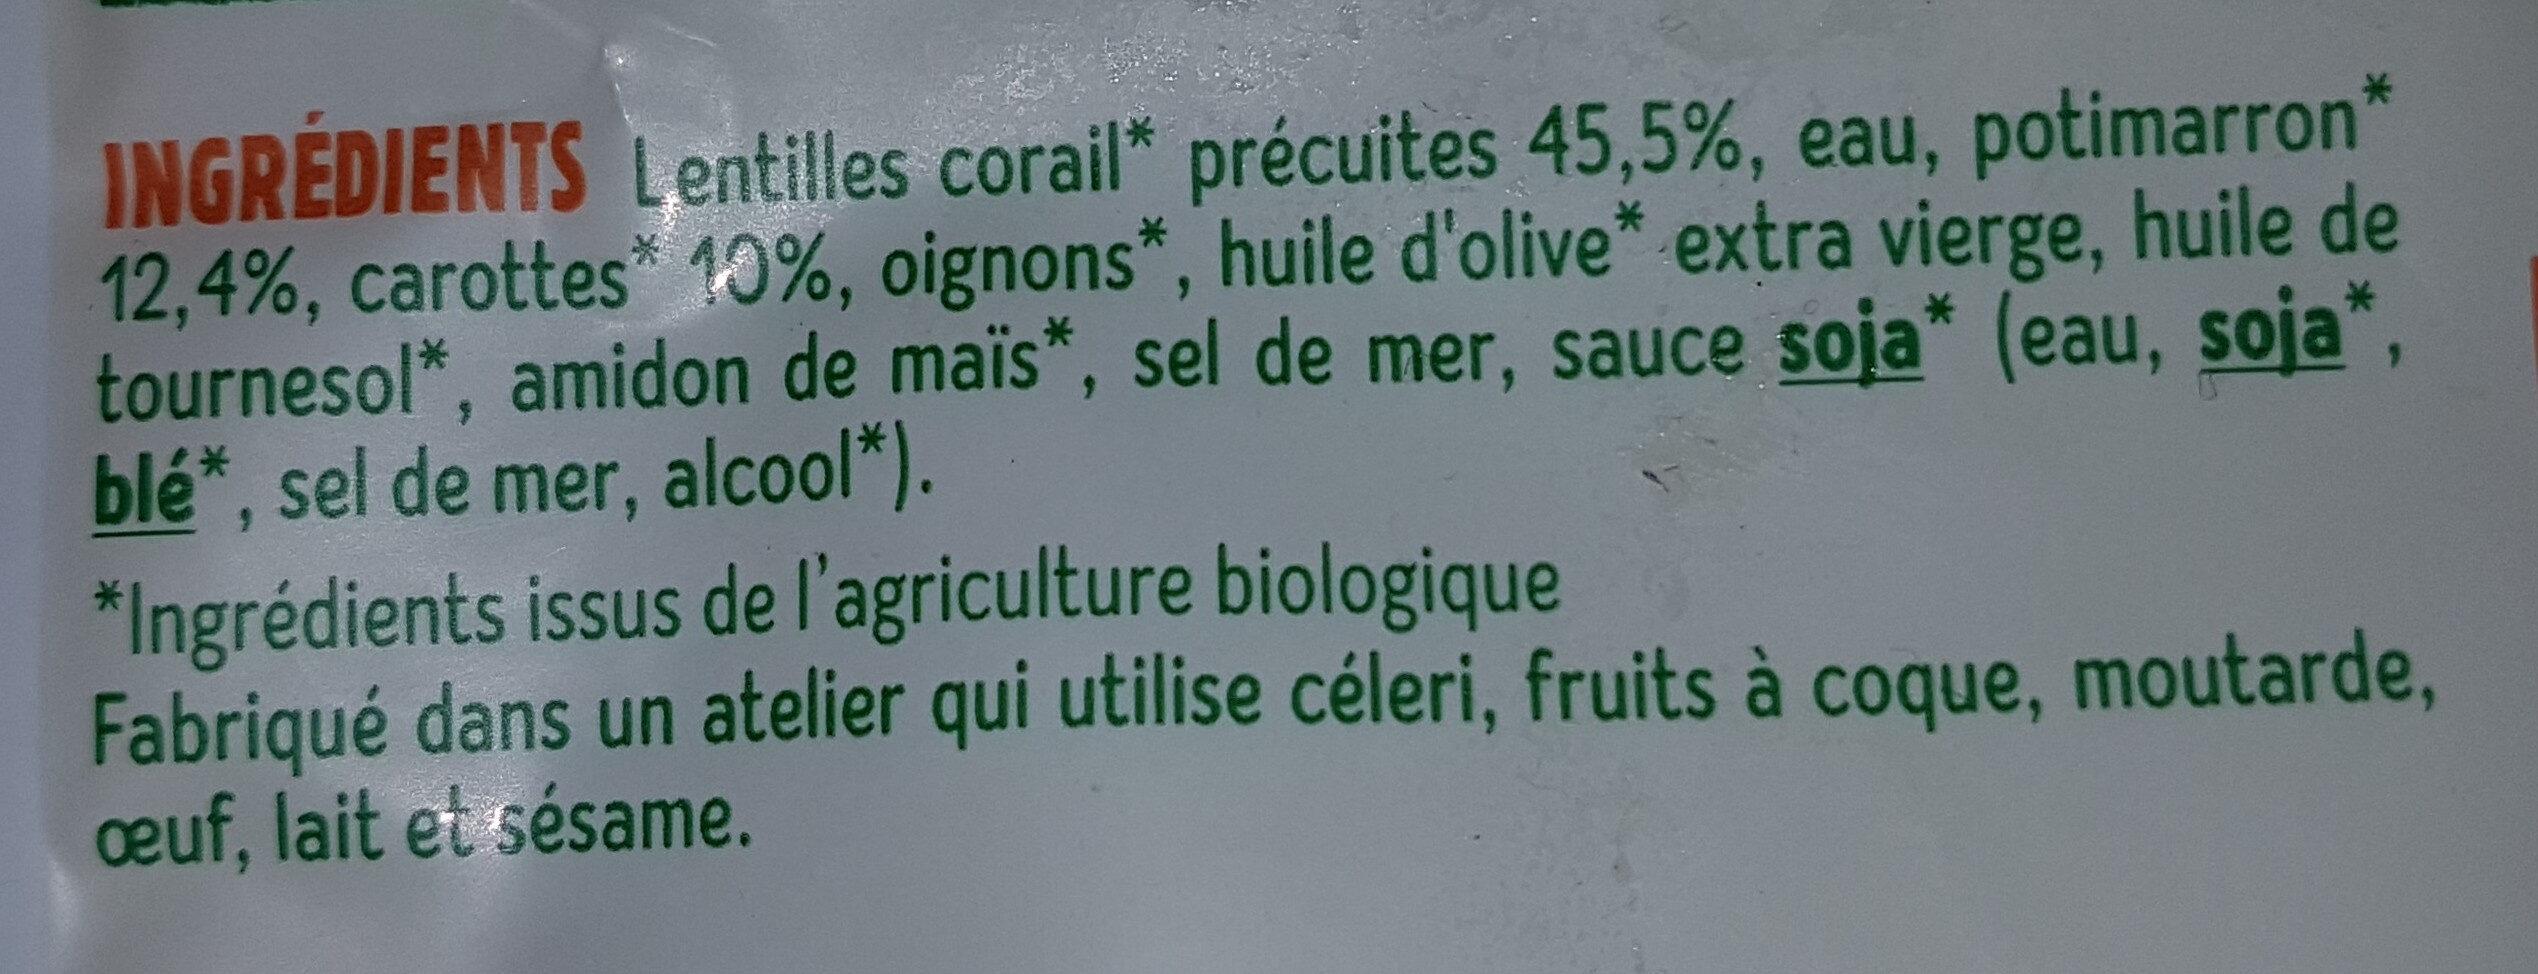 Purée lentilles corail potimarron Bio - Ingredienti - fr